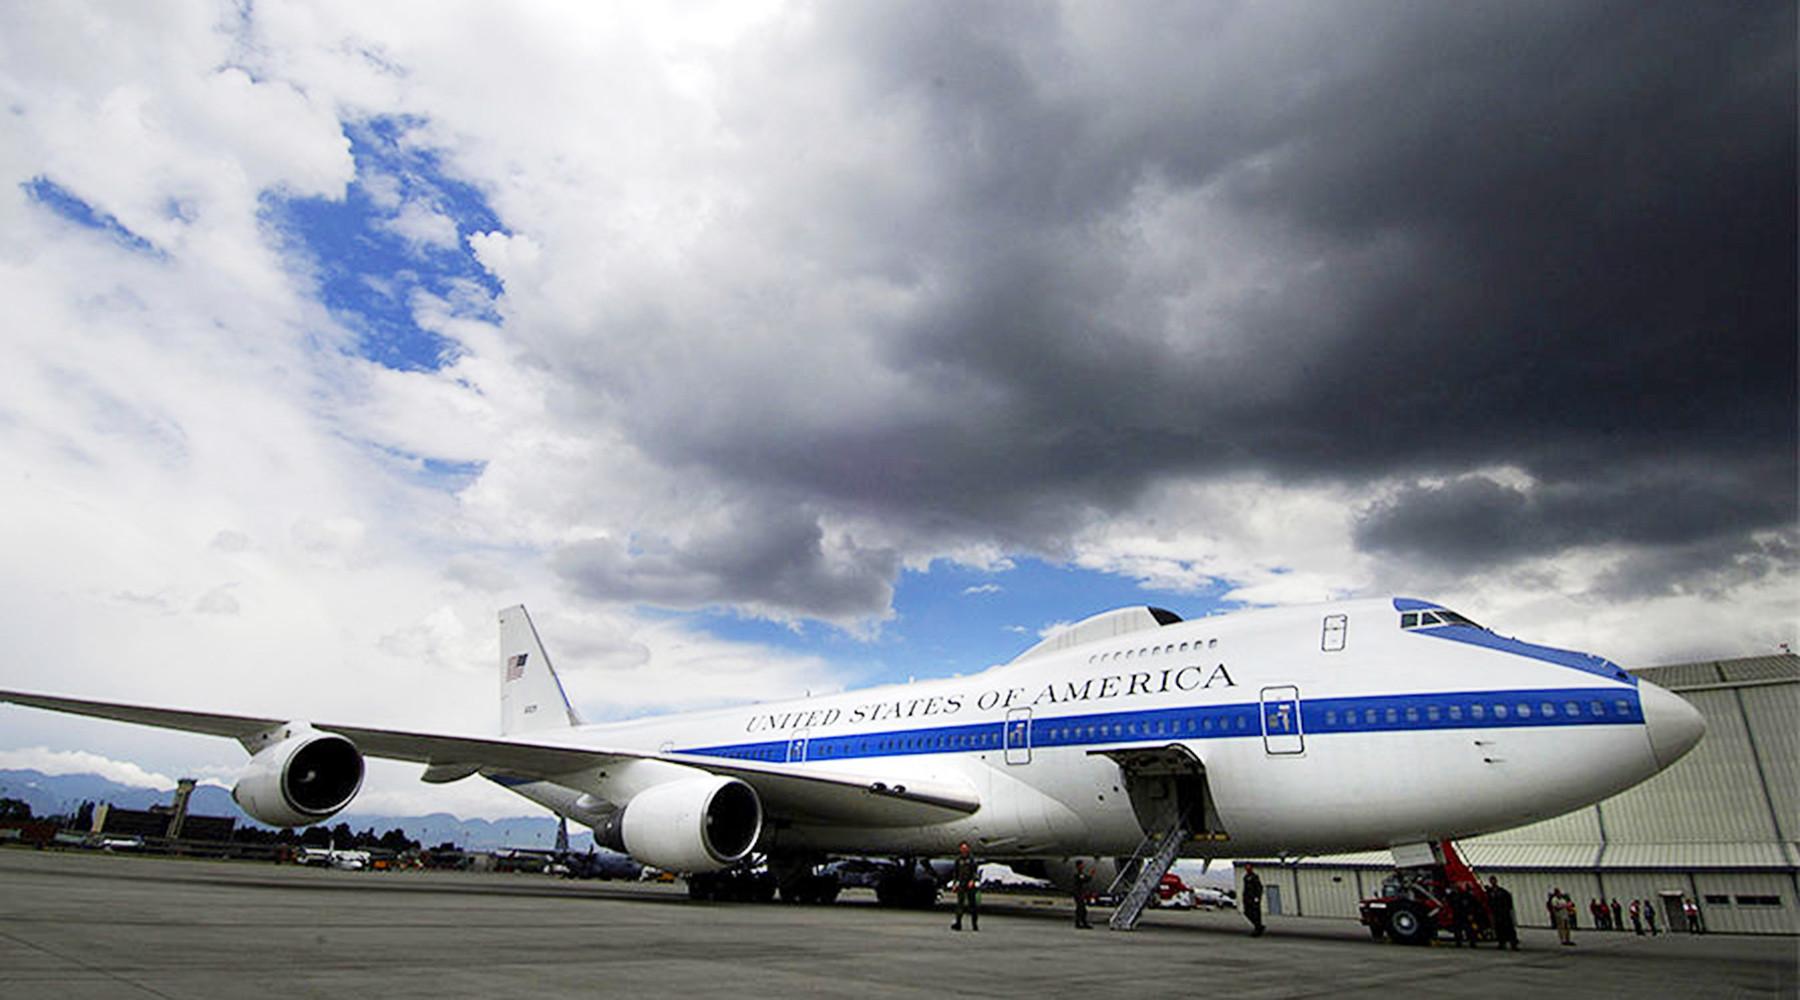 В результате шторма в США два самолёта «судного дня» получили повреждения